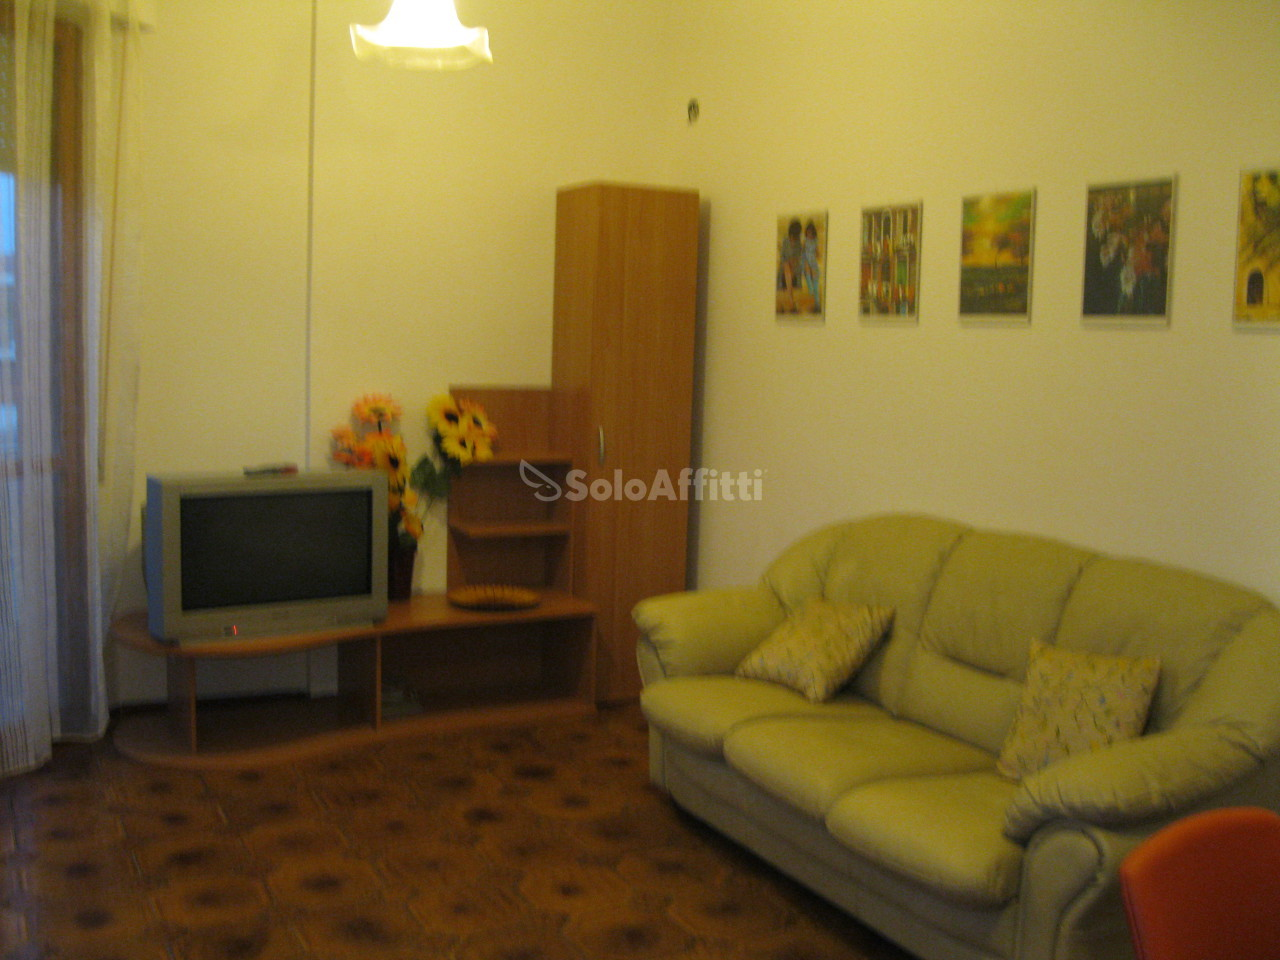 Appartamento Trilocale in affitto a Francavilla al Mare. Secondo ...